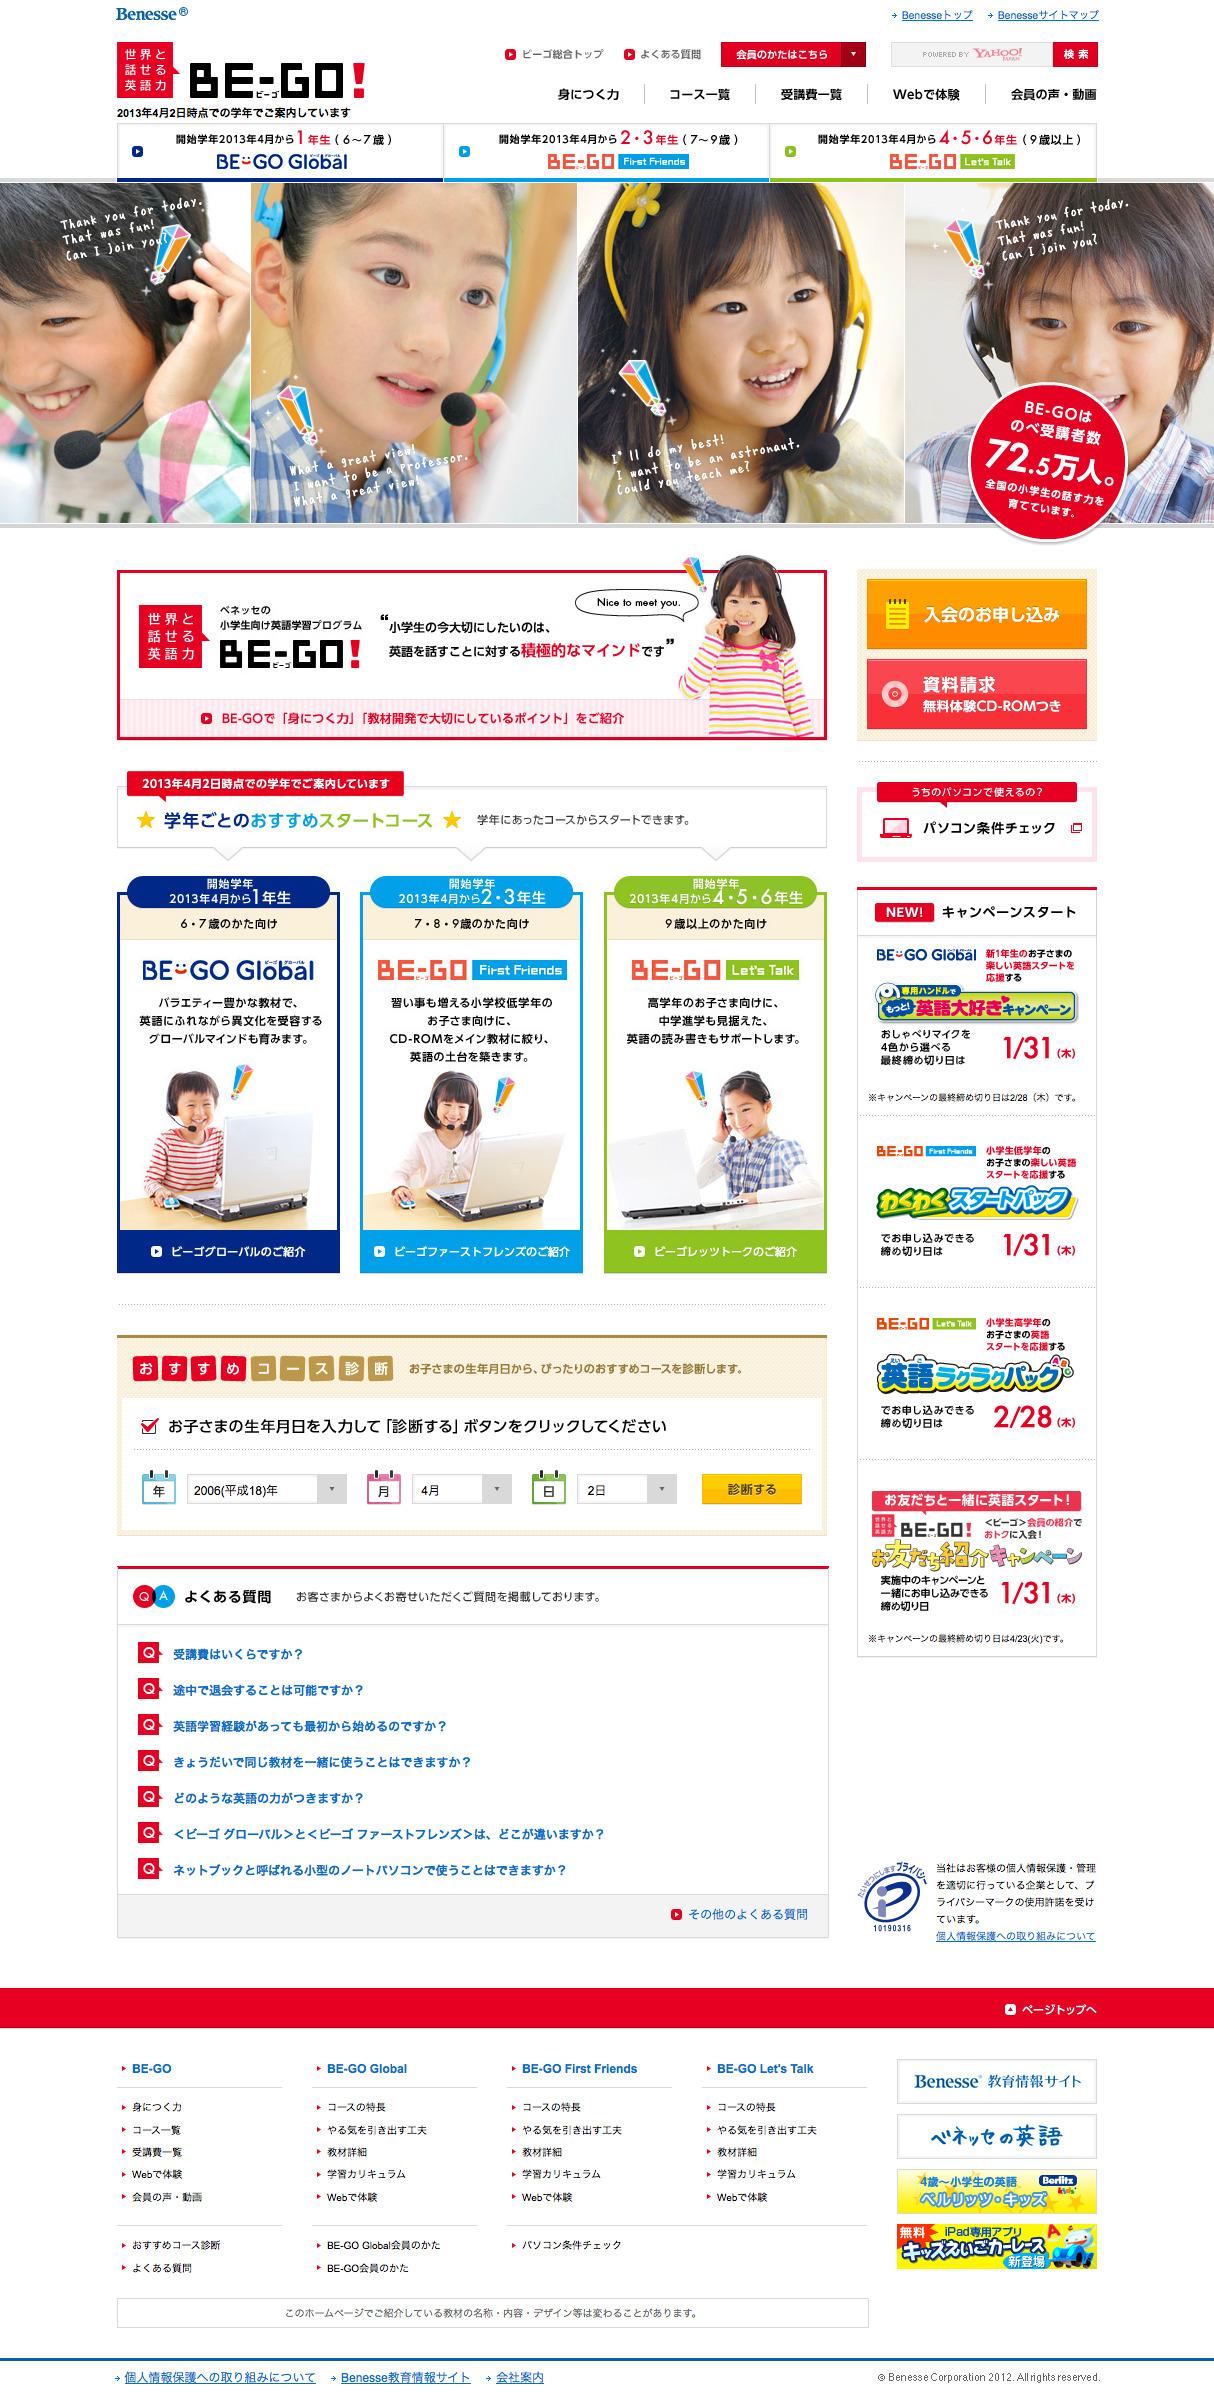 BE-GO(ビーゴ) - ベネッセの小学生向け英語学習プログラム